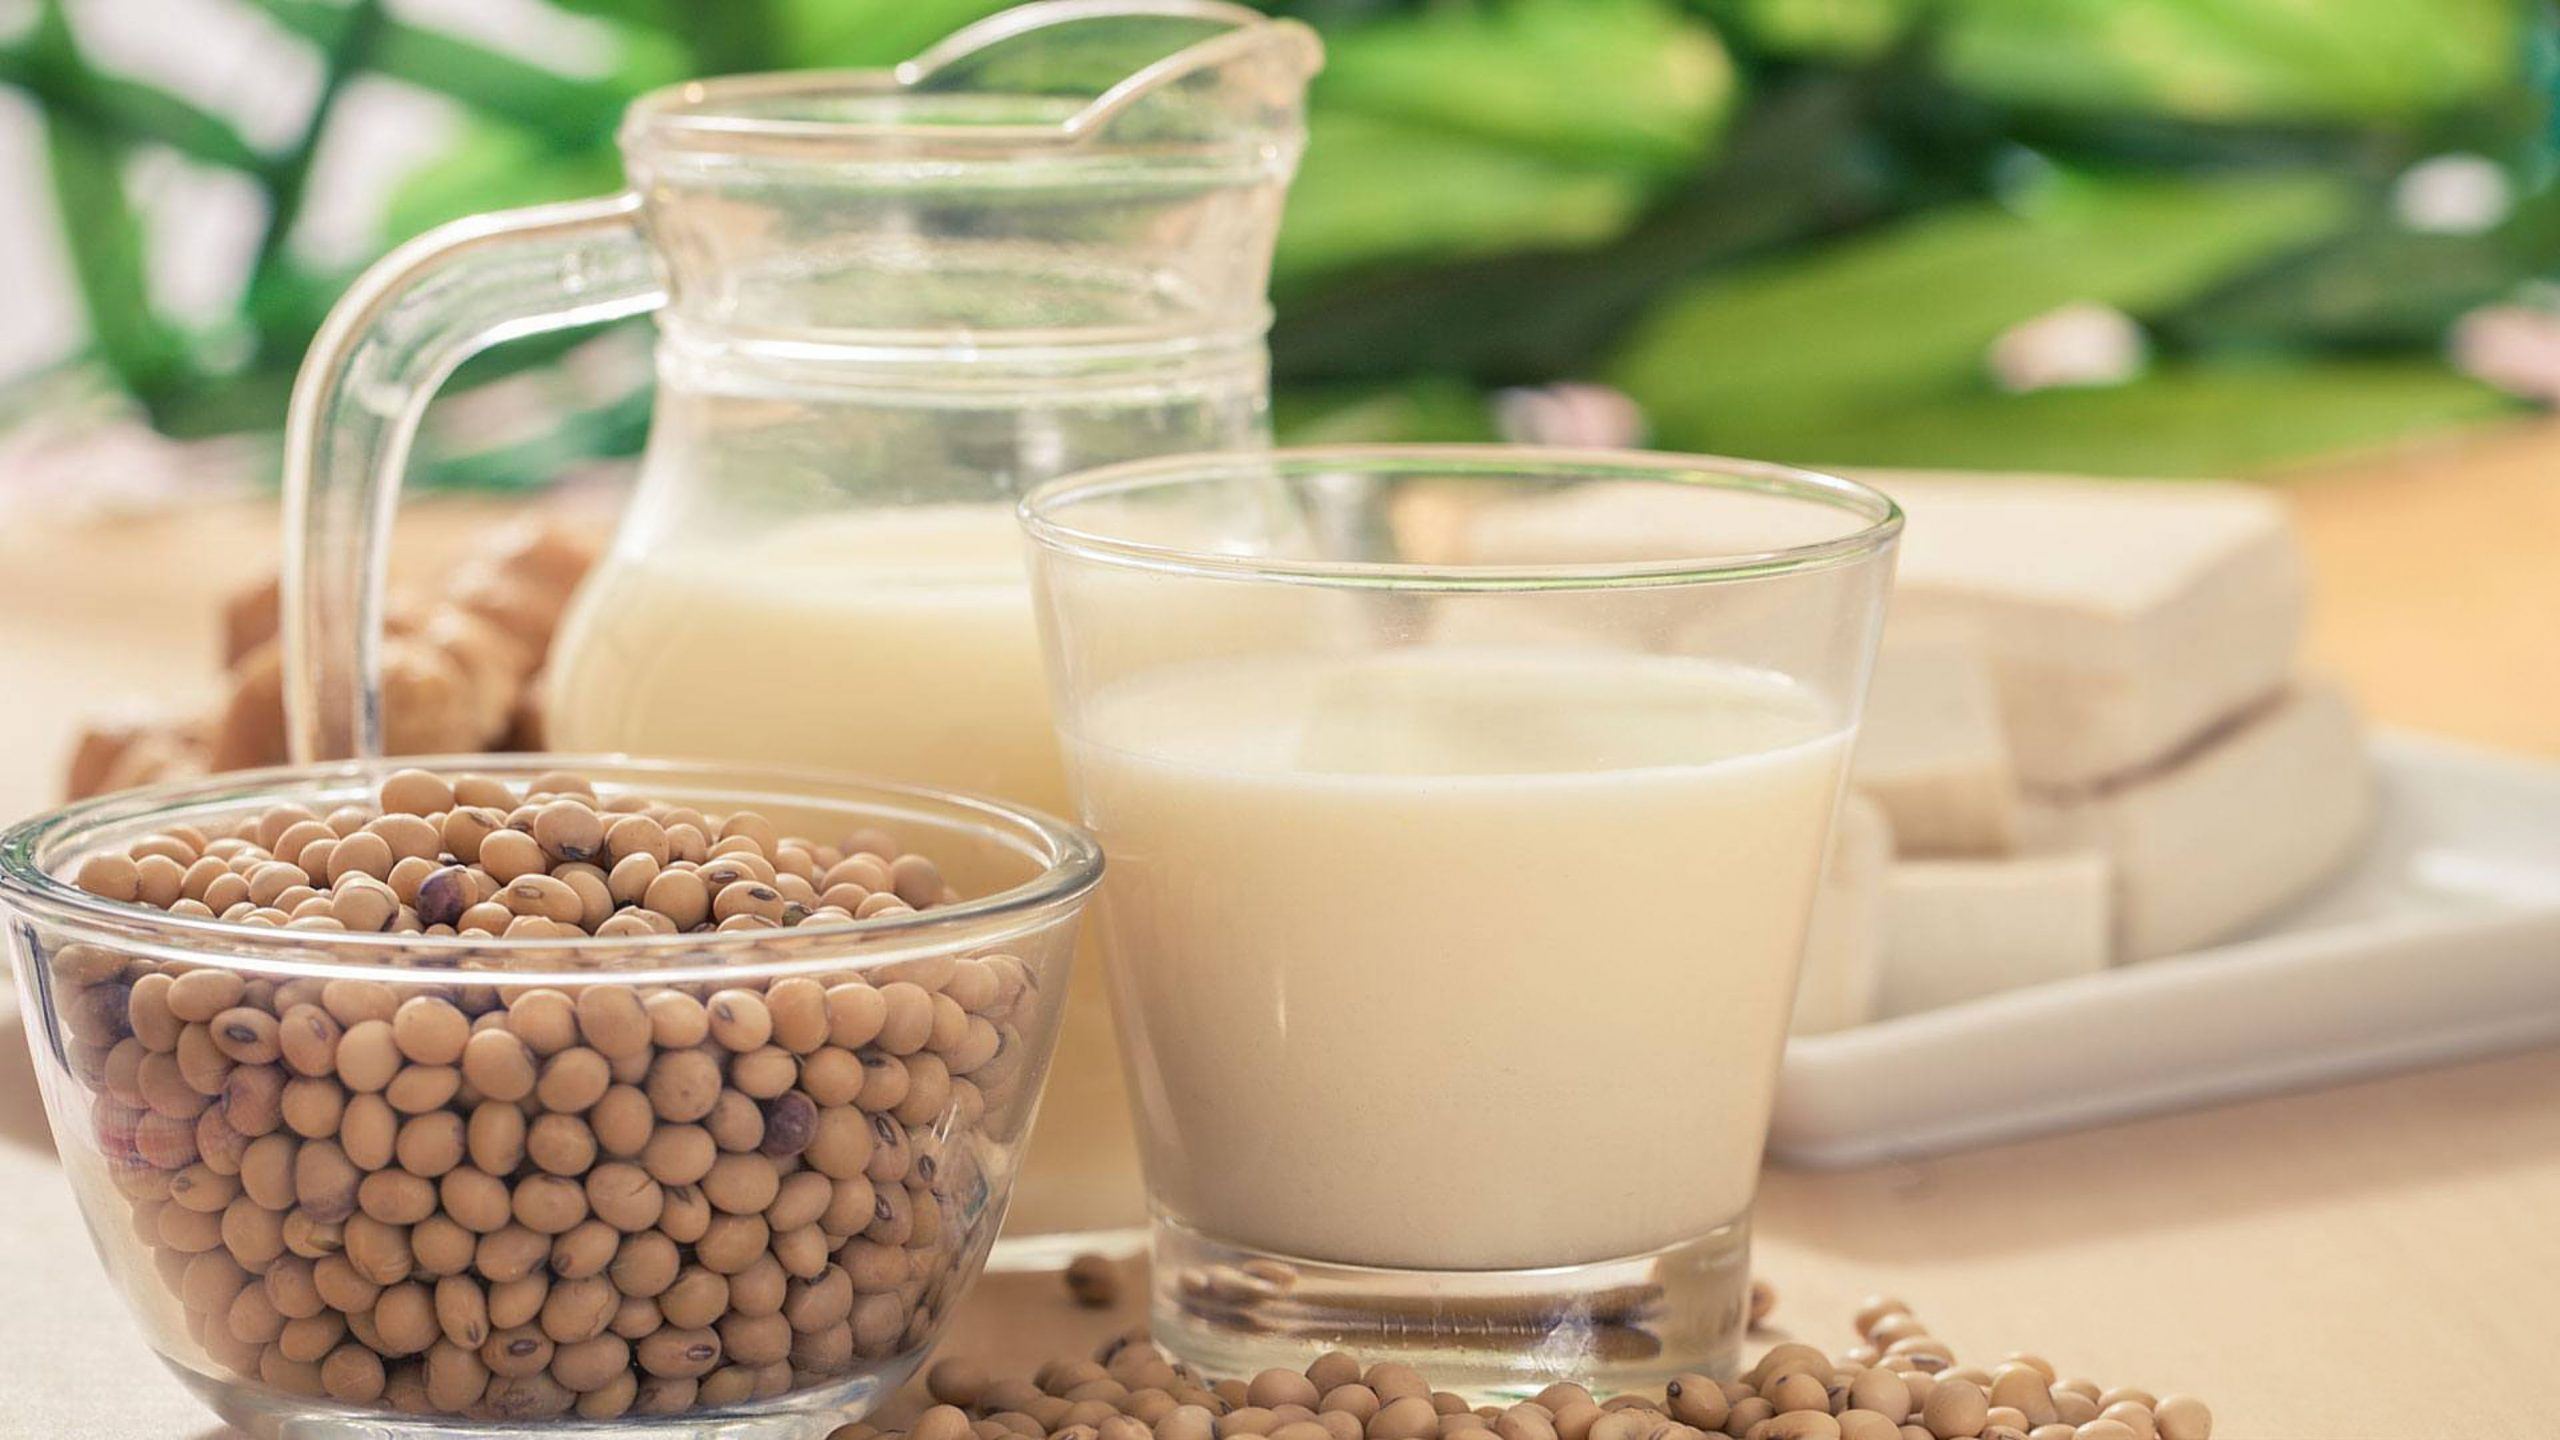 Langkah - Langkah Membuat Susu Kedelai